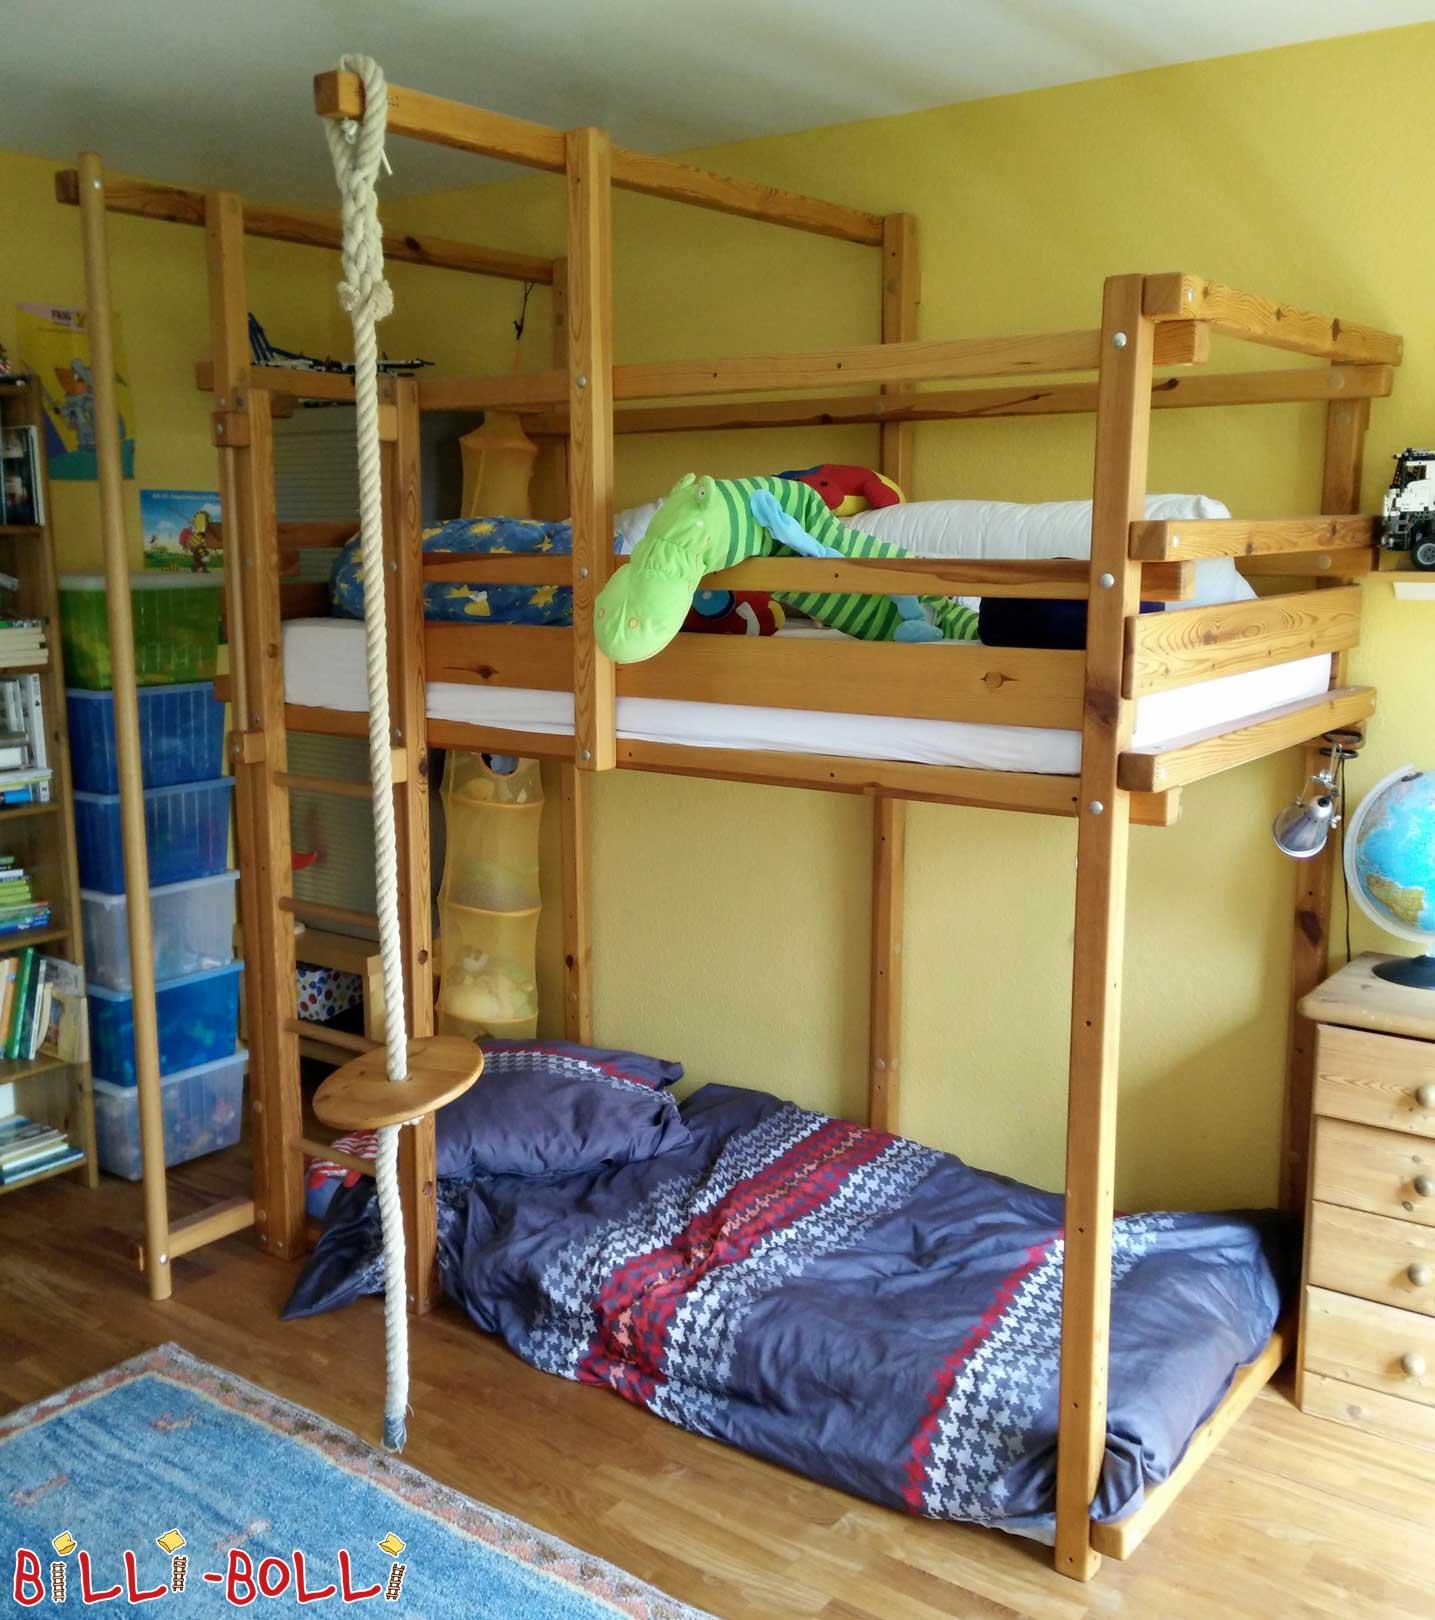 secondhand seite 71 billi bolli kinderm bel. Black Bedroom Furniture Sets. Home Design Ideas